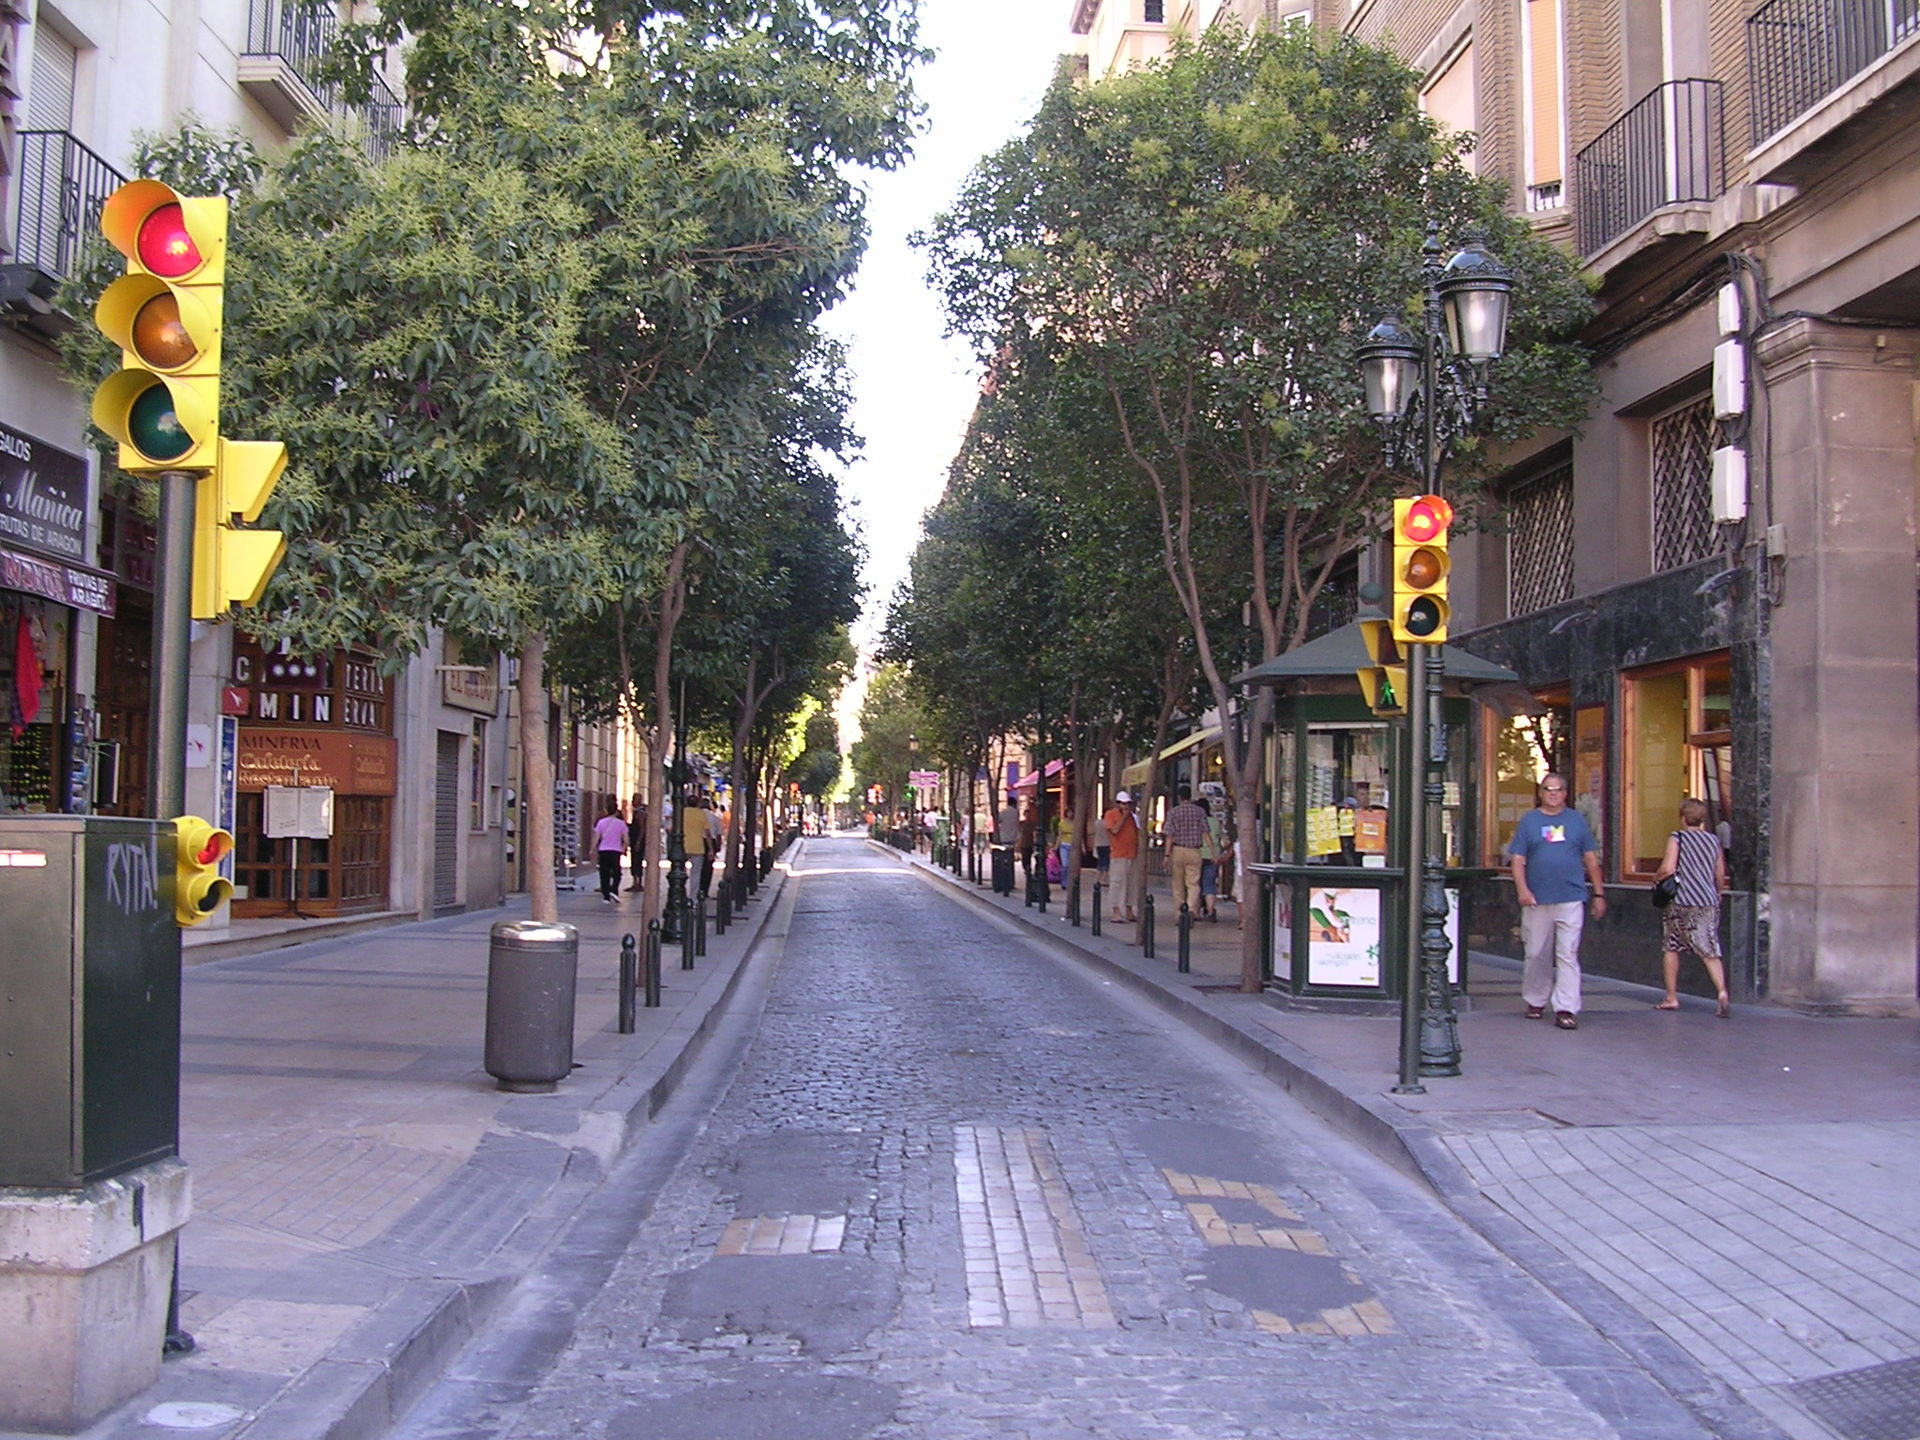 Paseo por la calle en brasil 8 - 1 part 5